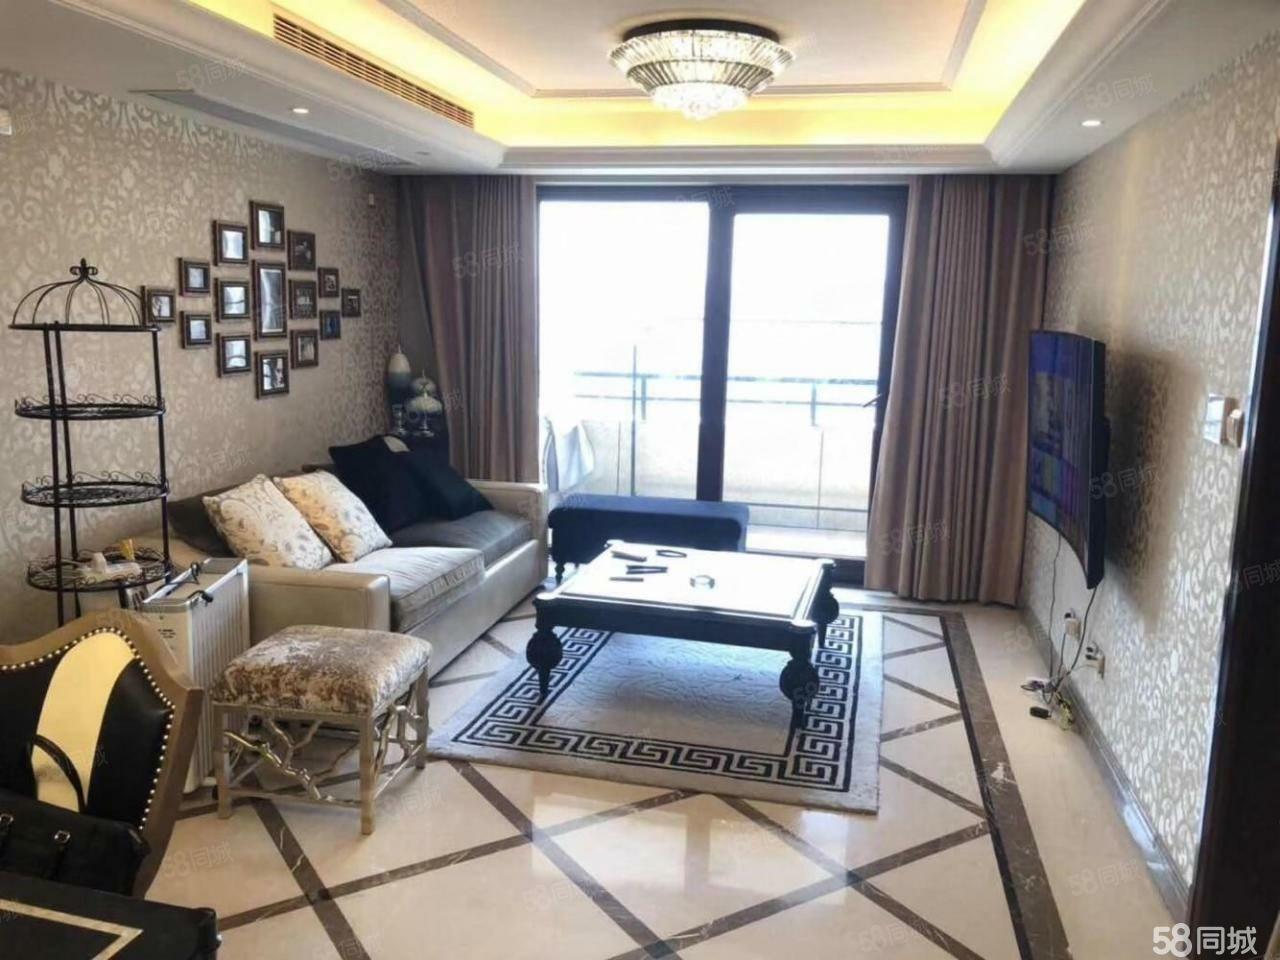 江边两室三室精装修家具家电齐全拎包入住半年租年租均可随时看房